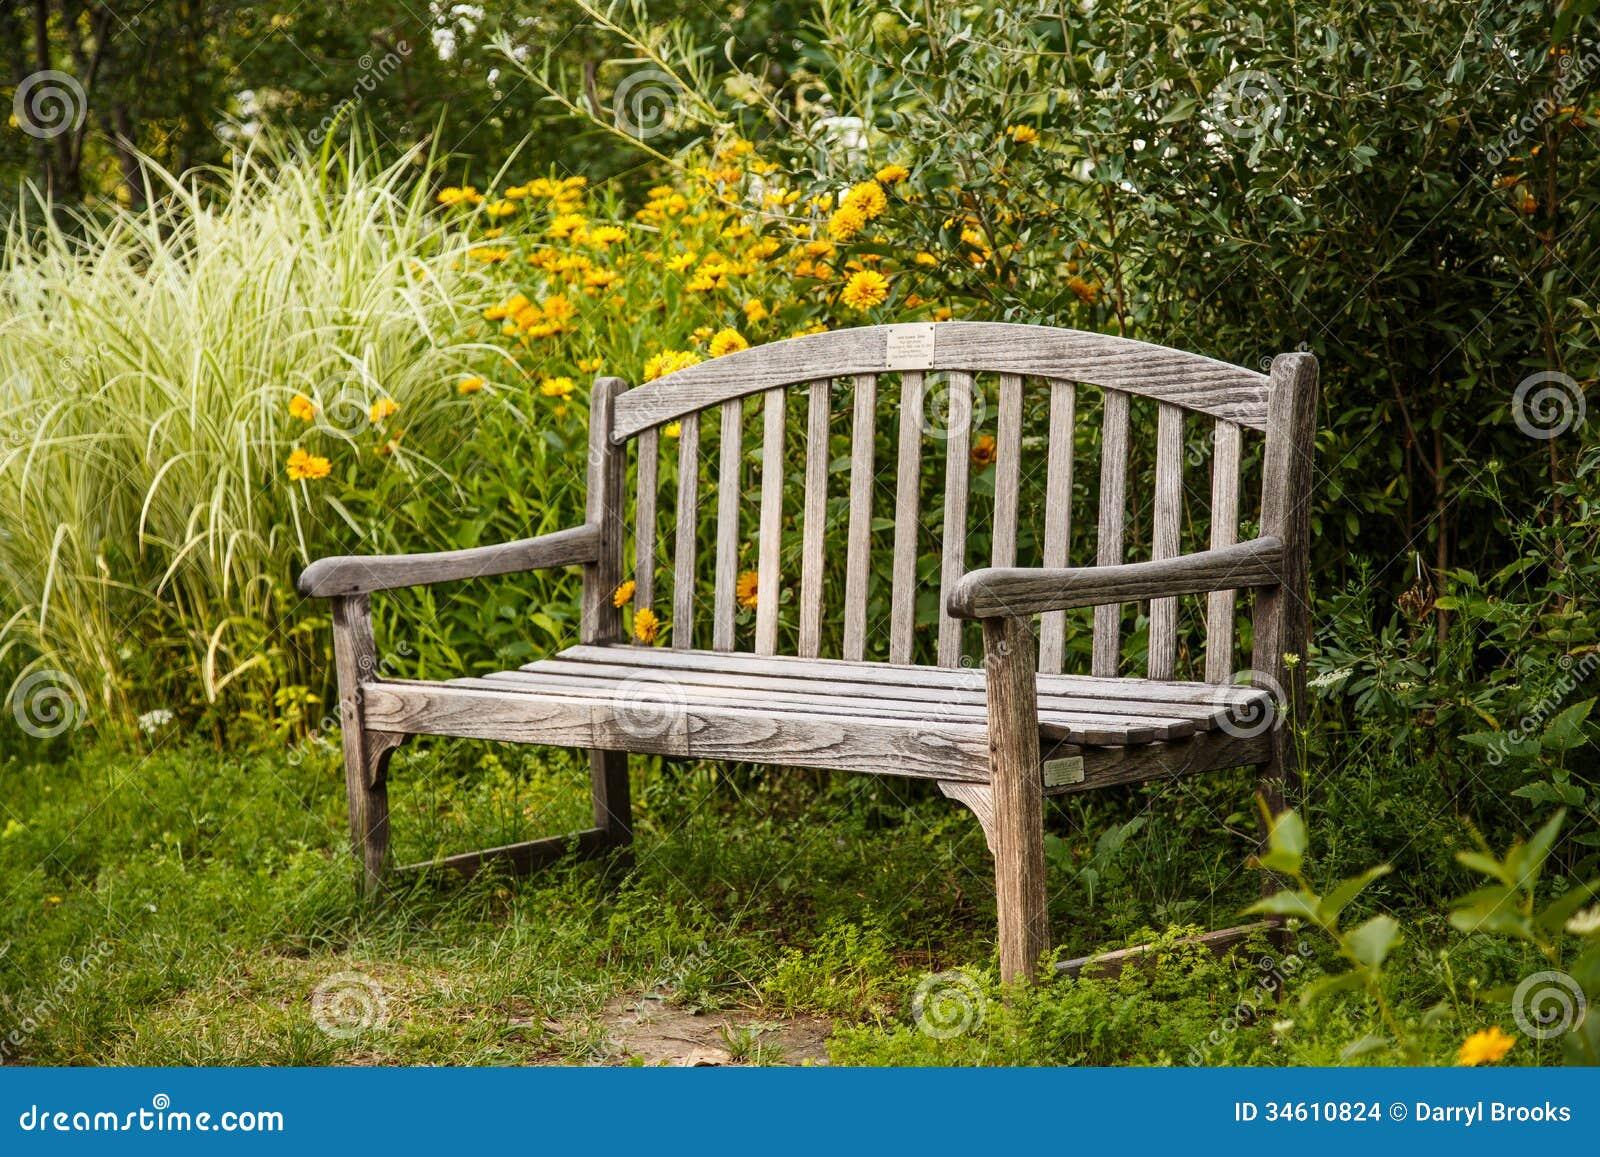 Vieux banc en bois dans le jardin images stock image for Banc en bois jardin